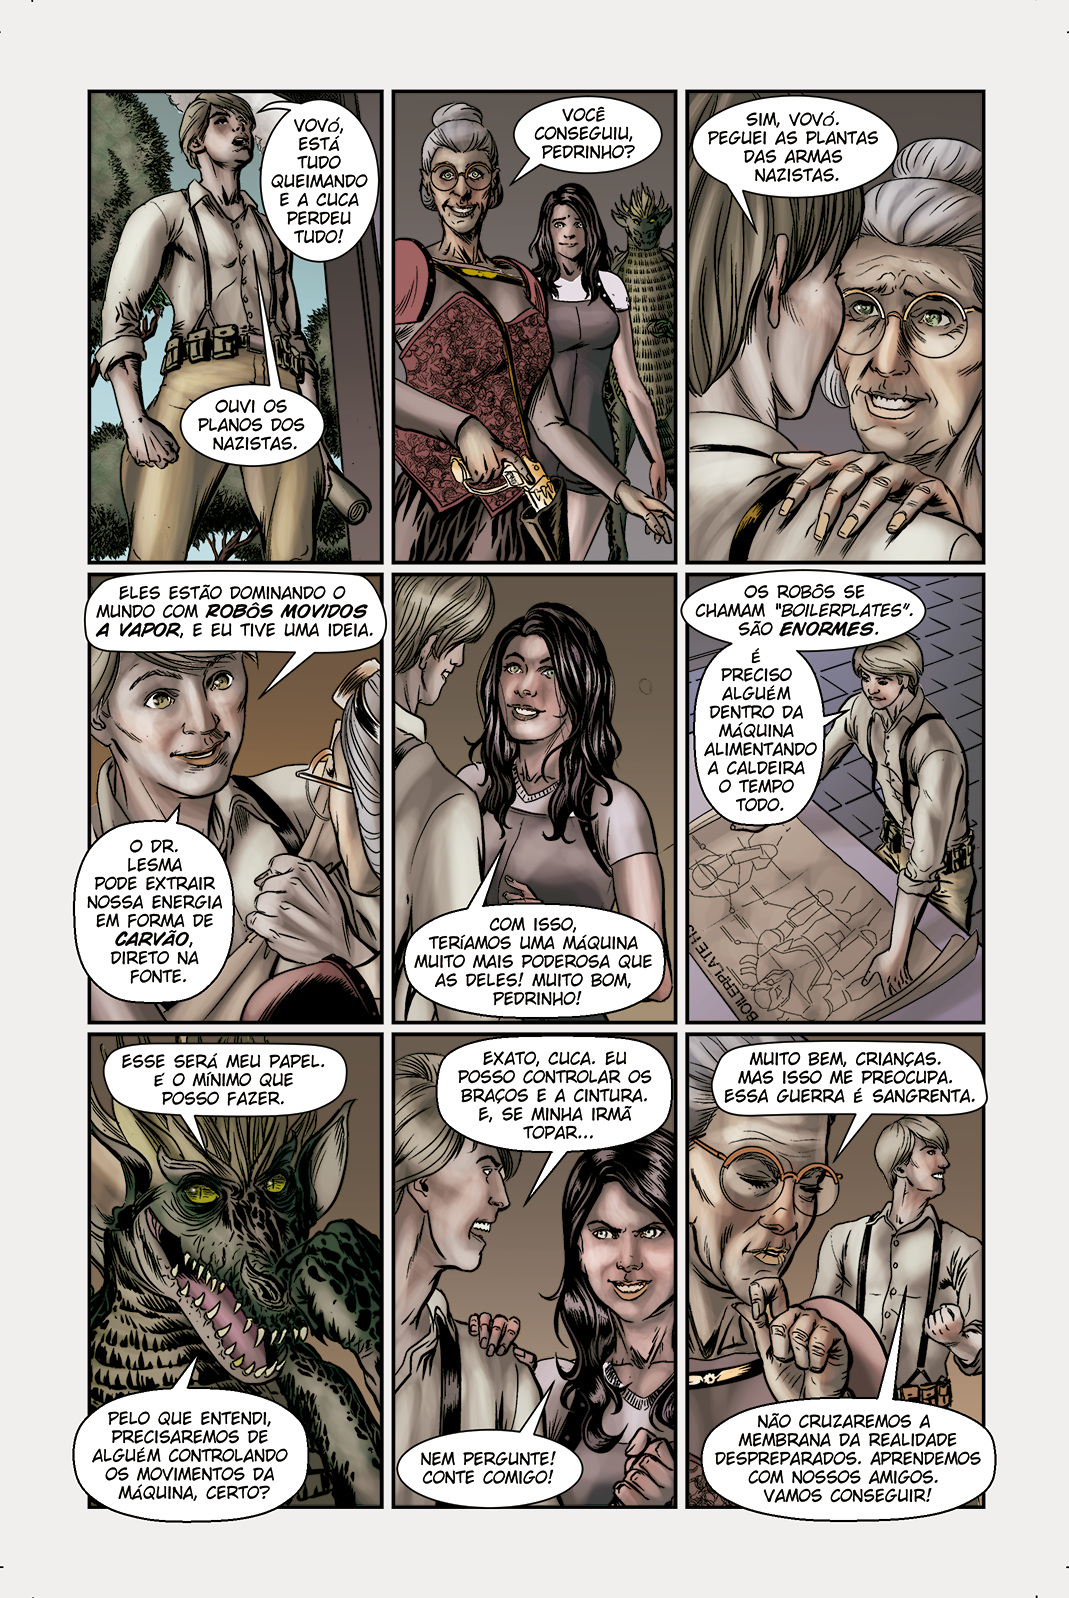 """Página 4 de """"E.M.1 L 1.4"""", da antologia RANCHO DO CORVO DOURADO, de 2019. Linhas e colorização."""